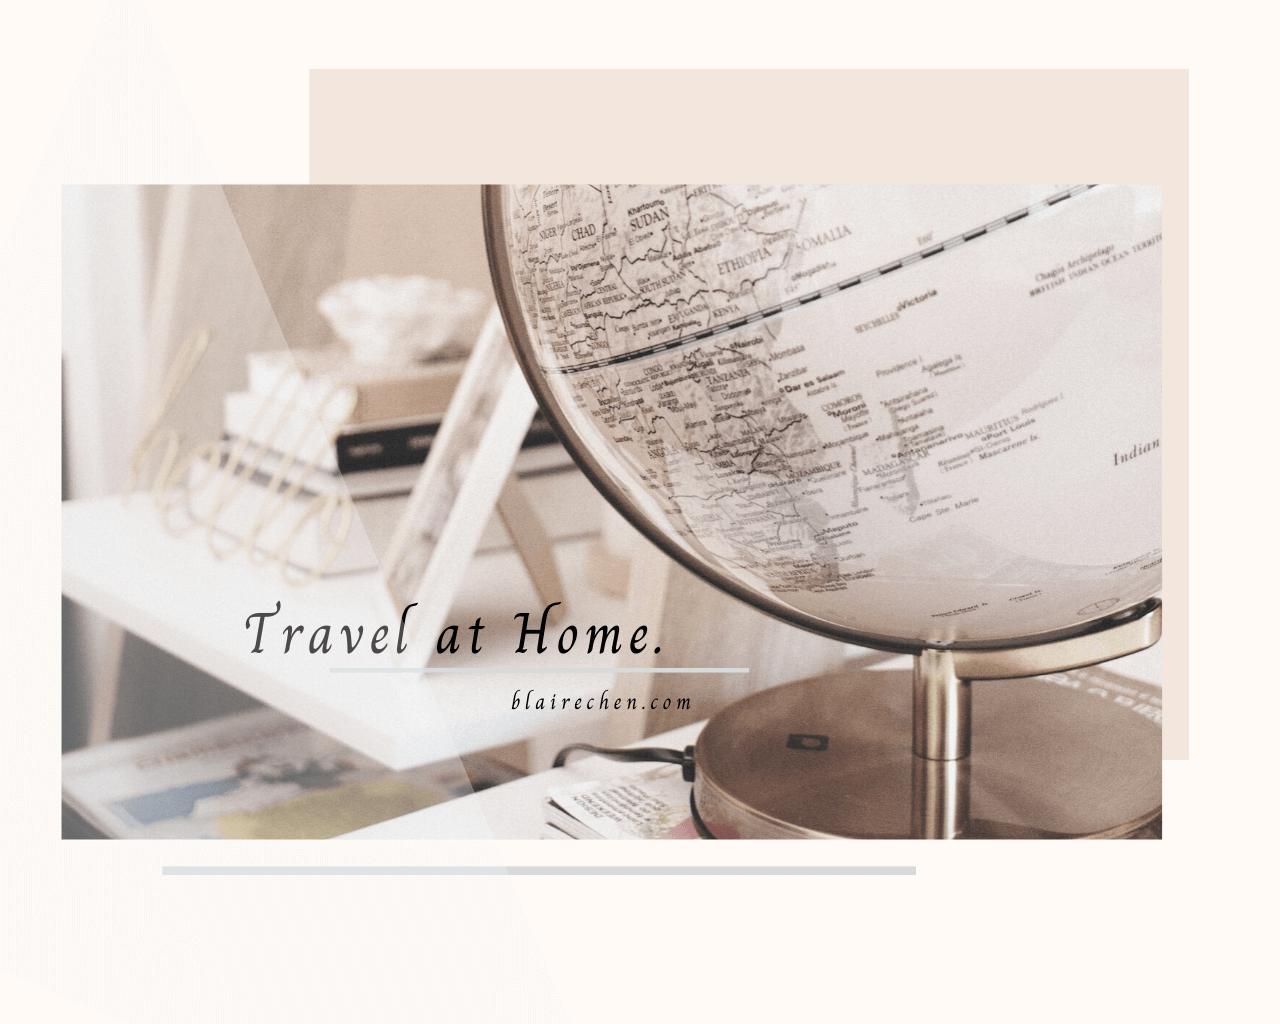 好想出國、被悶壞了嗎?5 個方法讓你在家也能環遊世界,安撫蠢蠢欲動的旅遊靈魂!